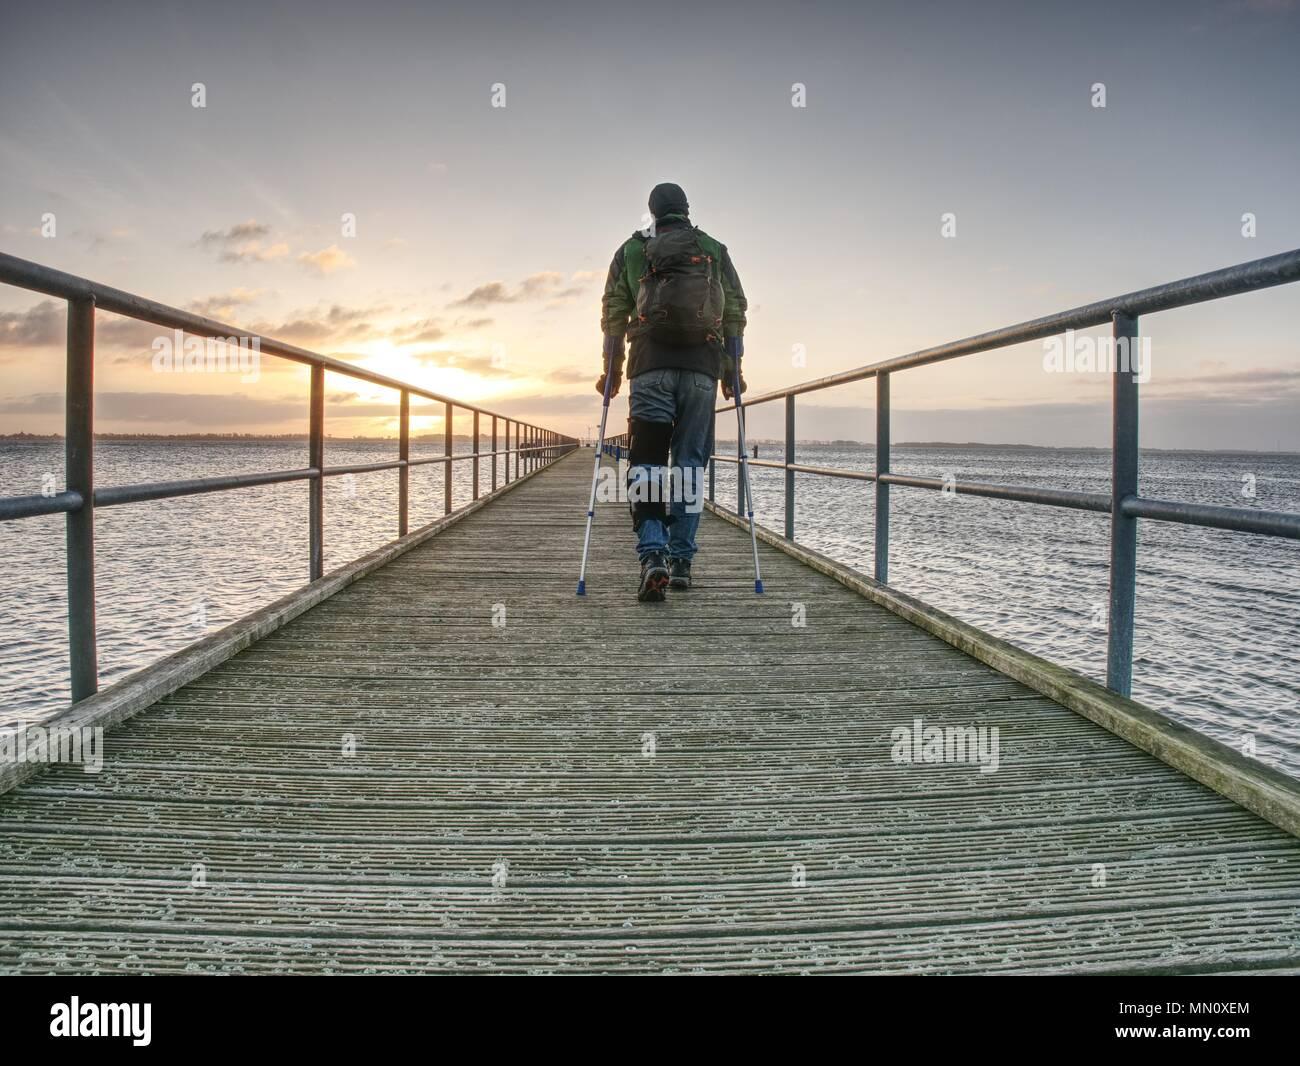 El hombre herido con chaqueta con capucha y muletas antebrazo mirando tristemente en agua de mar. Soporte Traveler en puente marítimo dentro de mañana y pensar. Nostálgicos Imagen De Stock